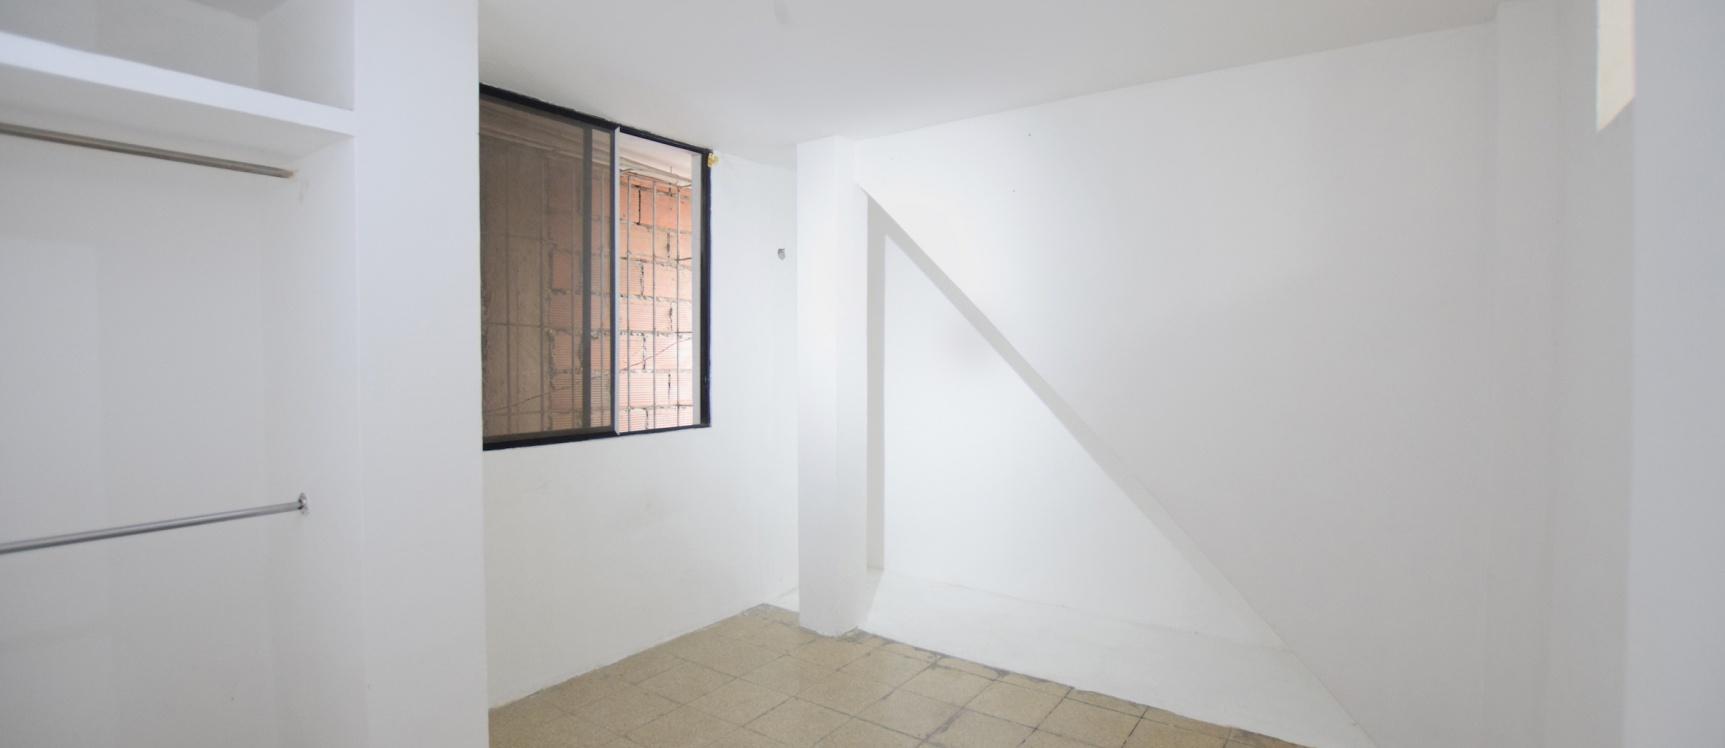 GeoBienes - Departamento en alquiler en Urdenor, Norte de Guayaquil - Plusvalia Guayaquil Casas de venta y alquiler Inmobiliaria Ecuador